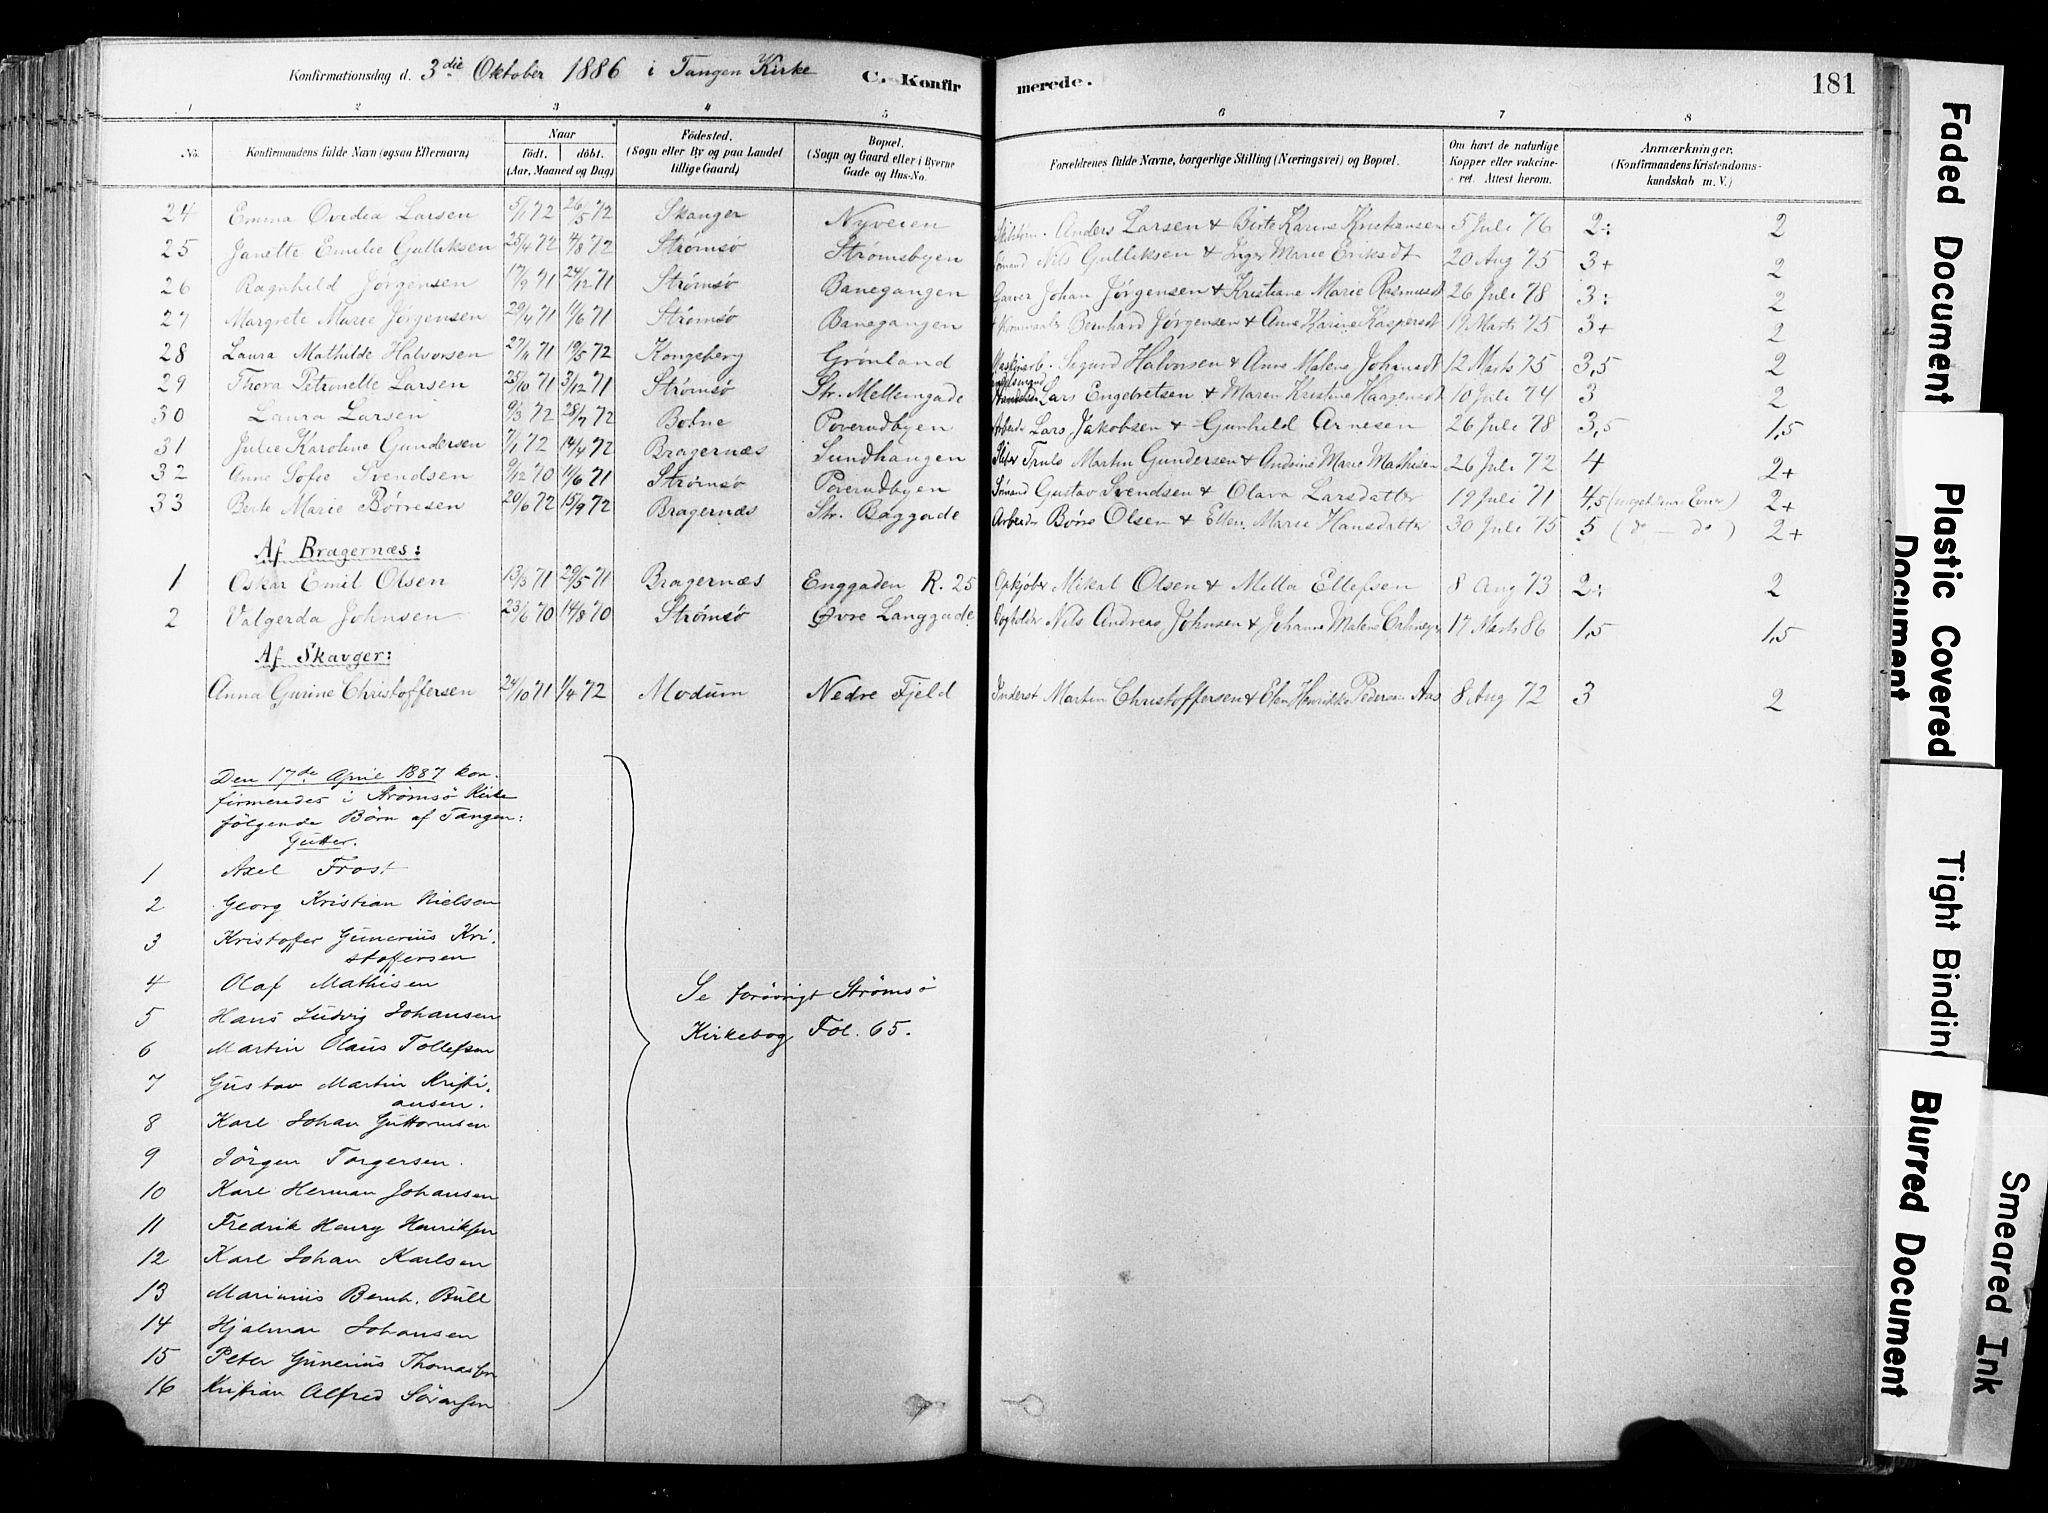 SAKO, Strømsø kirkebøker, F/Fb/L0006: Ministerialbok nr. II 6, 1879-1910, s. 181